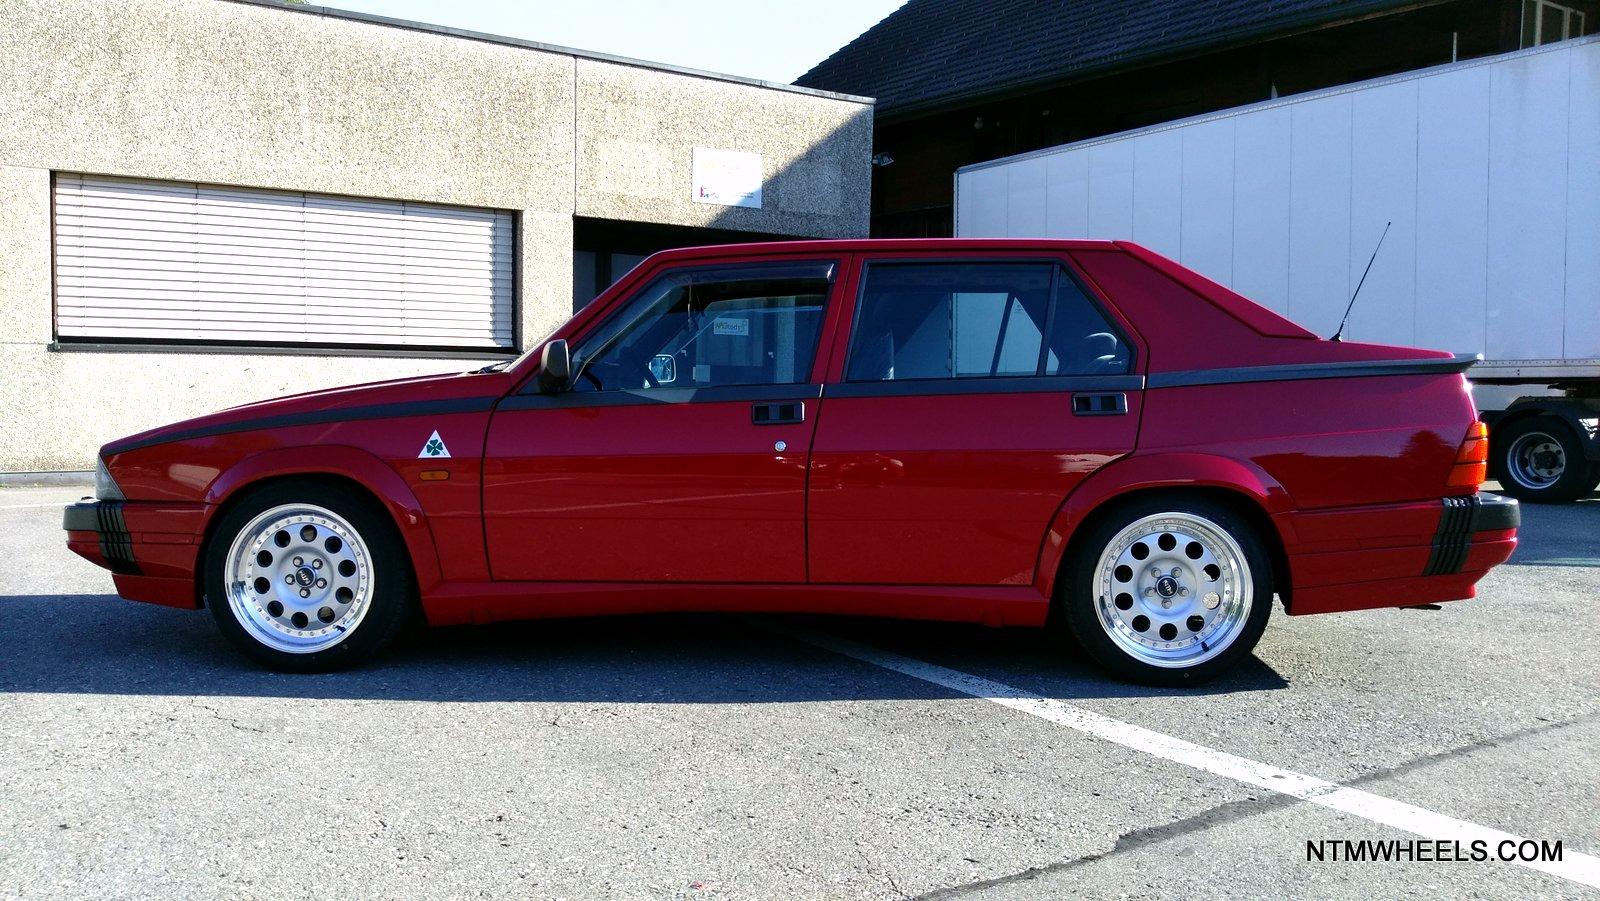 Alfa Romeo 75. Crediti foto: ntmwheels.com